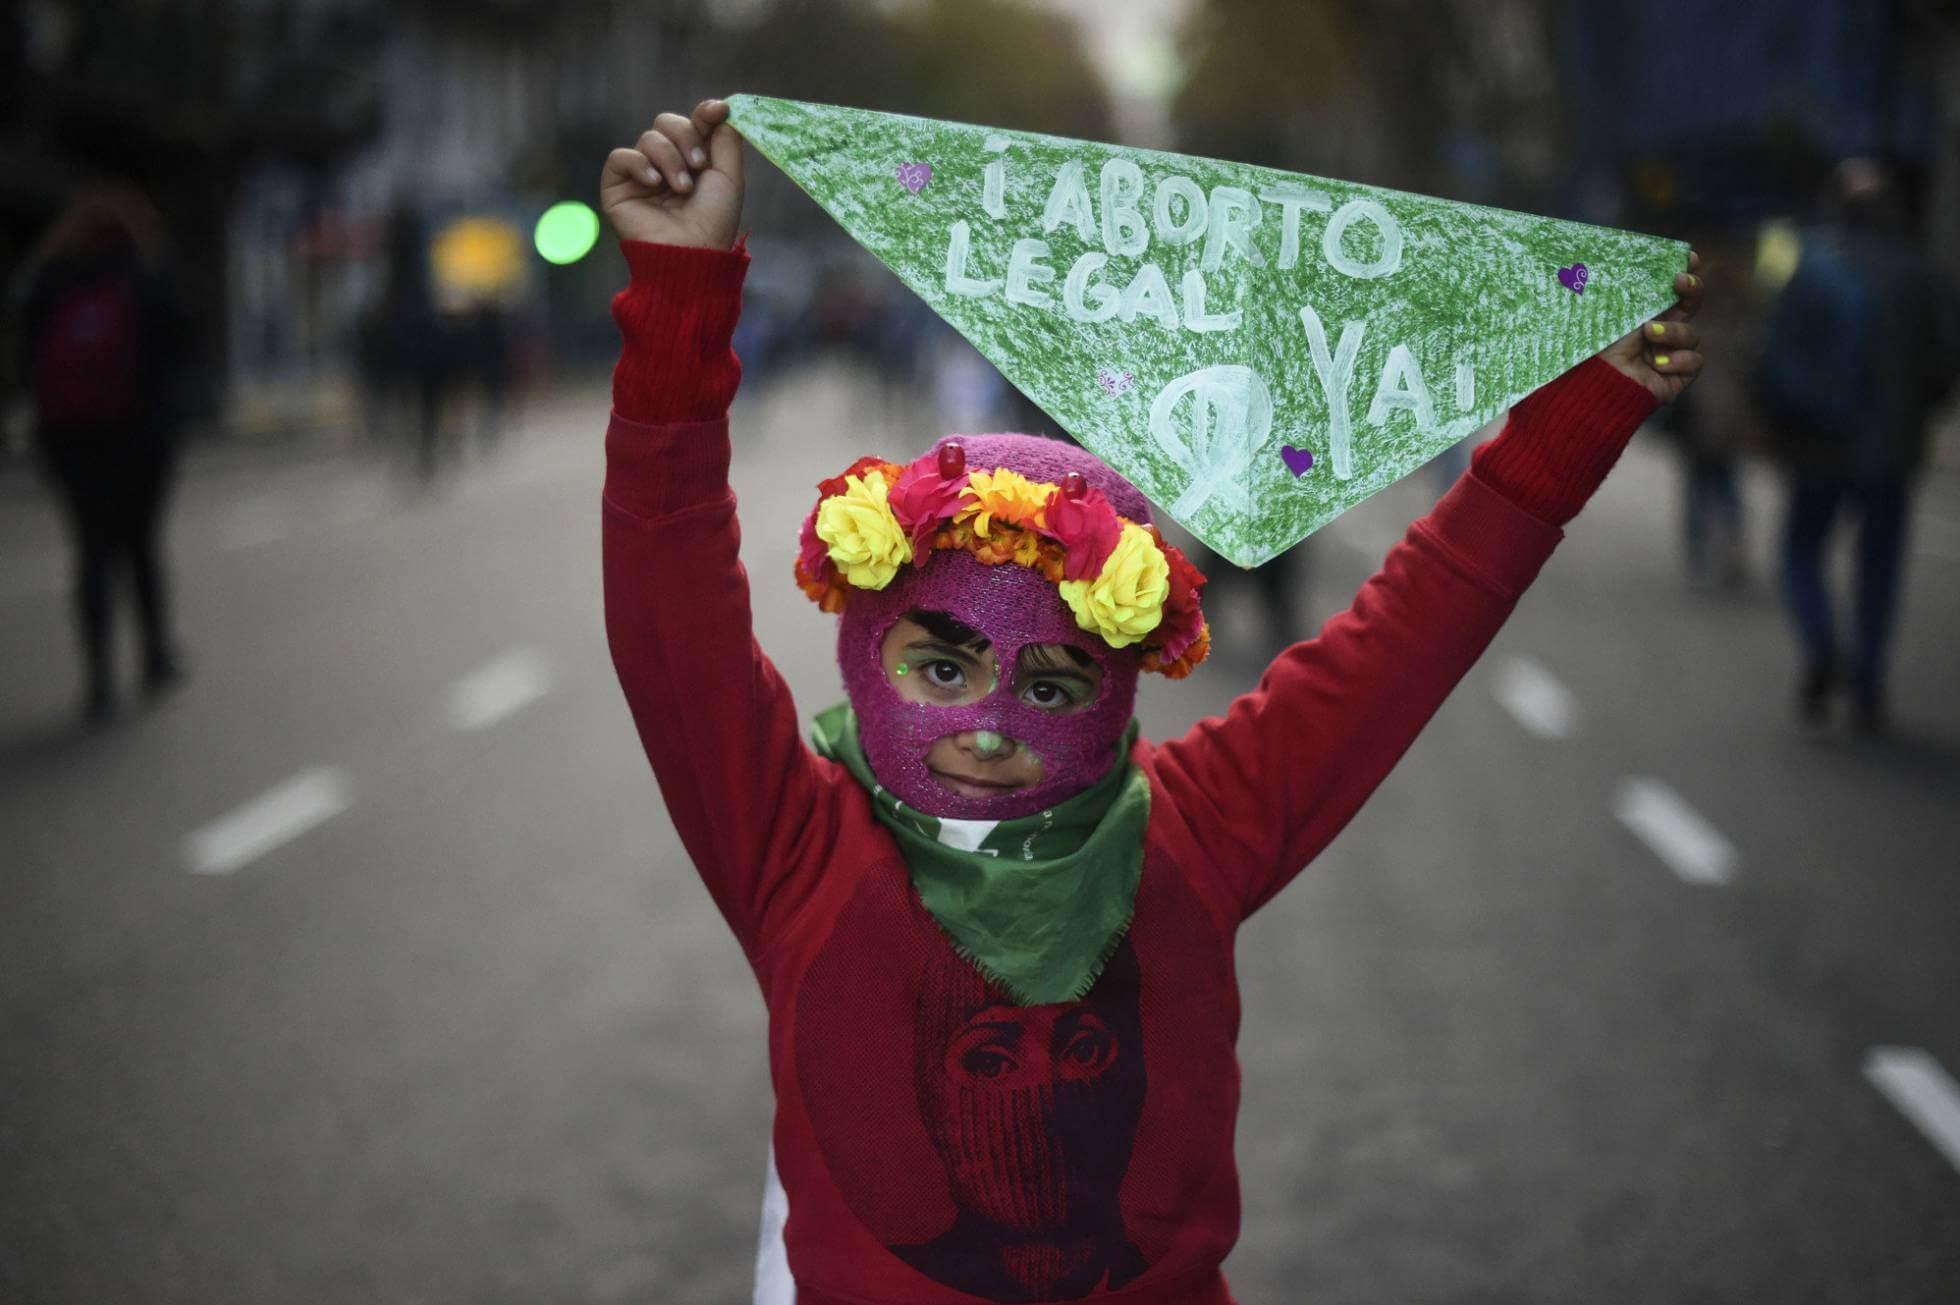 Fotografía: AFP